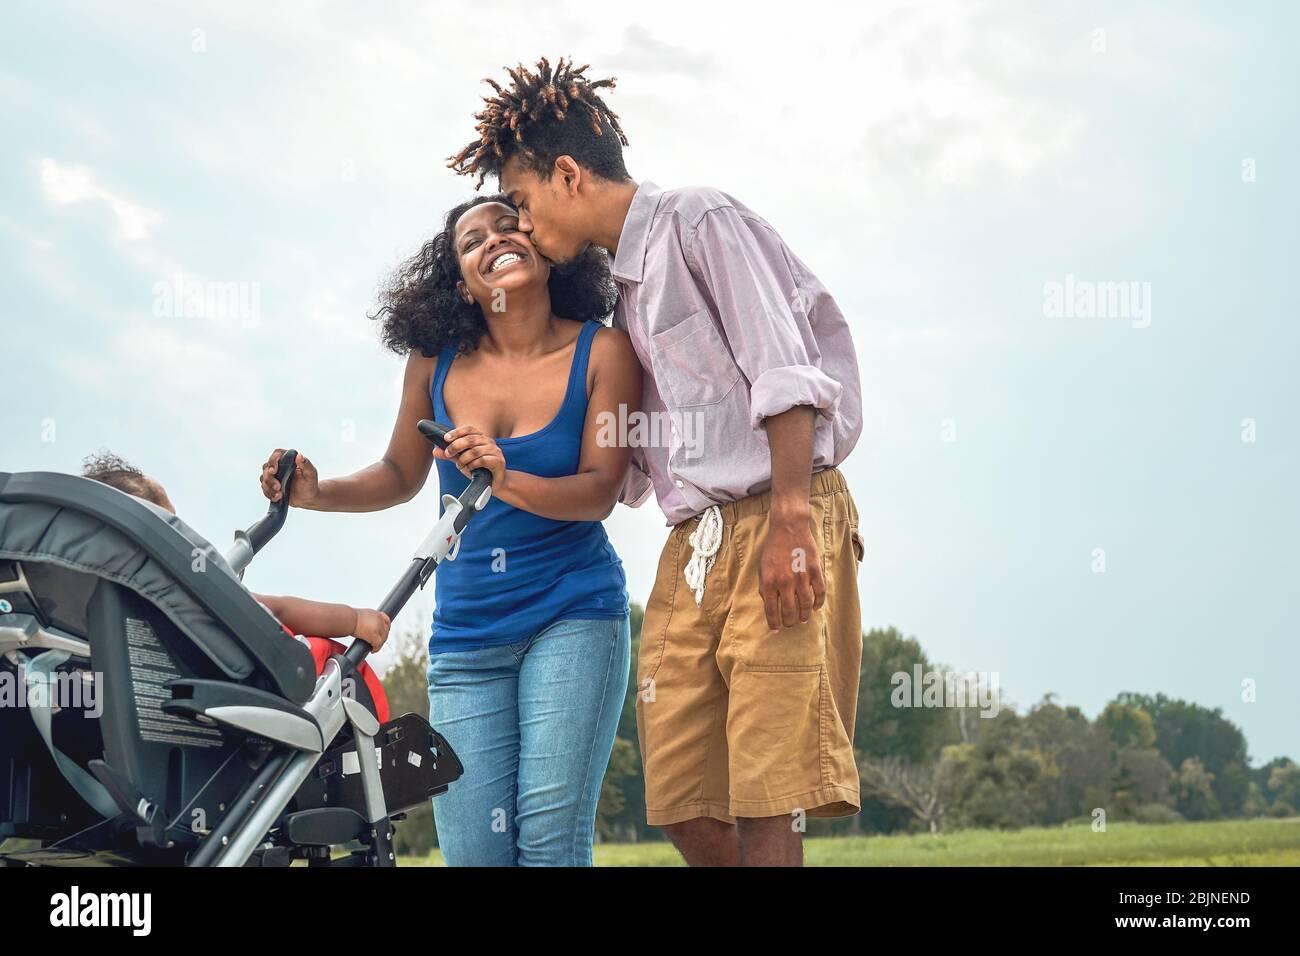 Glückliche afrikanische Familie, die Spaß zusammen im öffentlichen Park hat - Afro Mutter und Vater mit ihrer Tochter, die Zeit zusammen am Wochenende draußen genießen Stockfoto